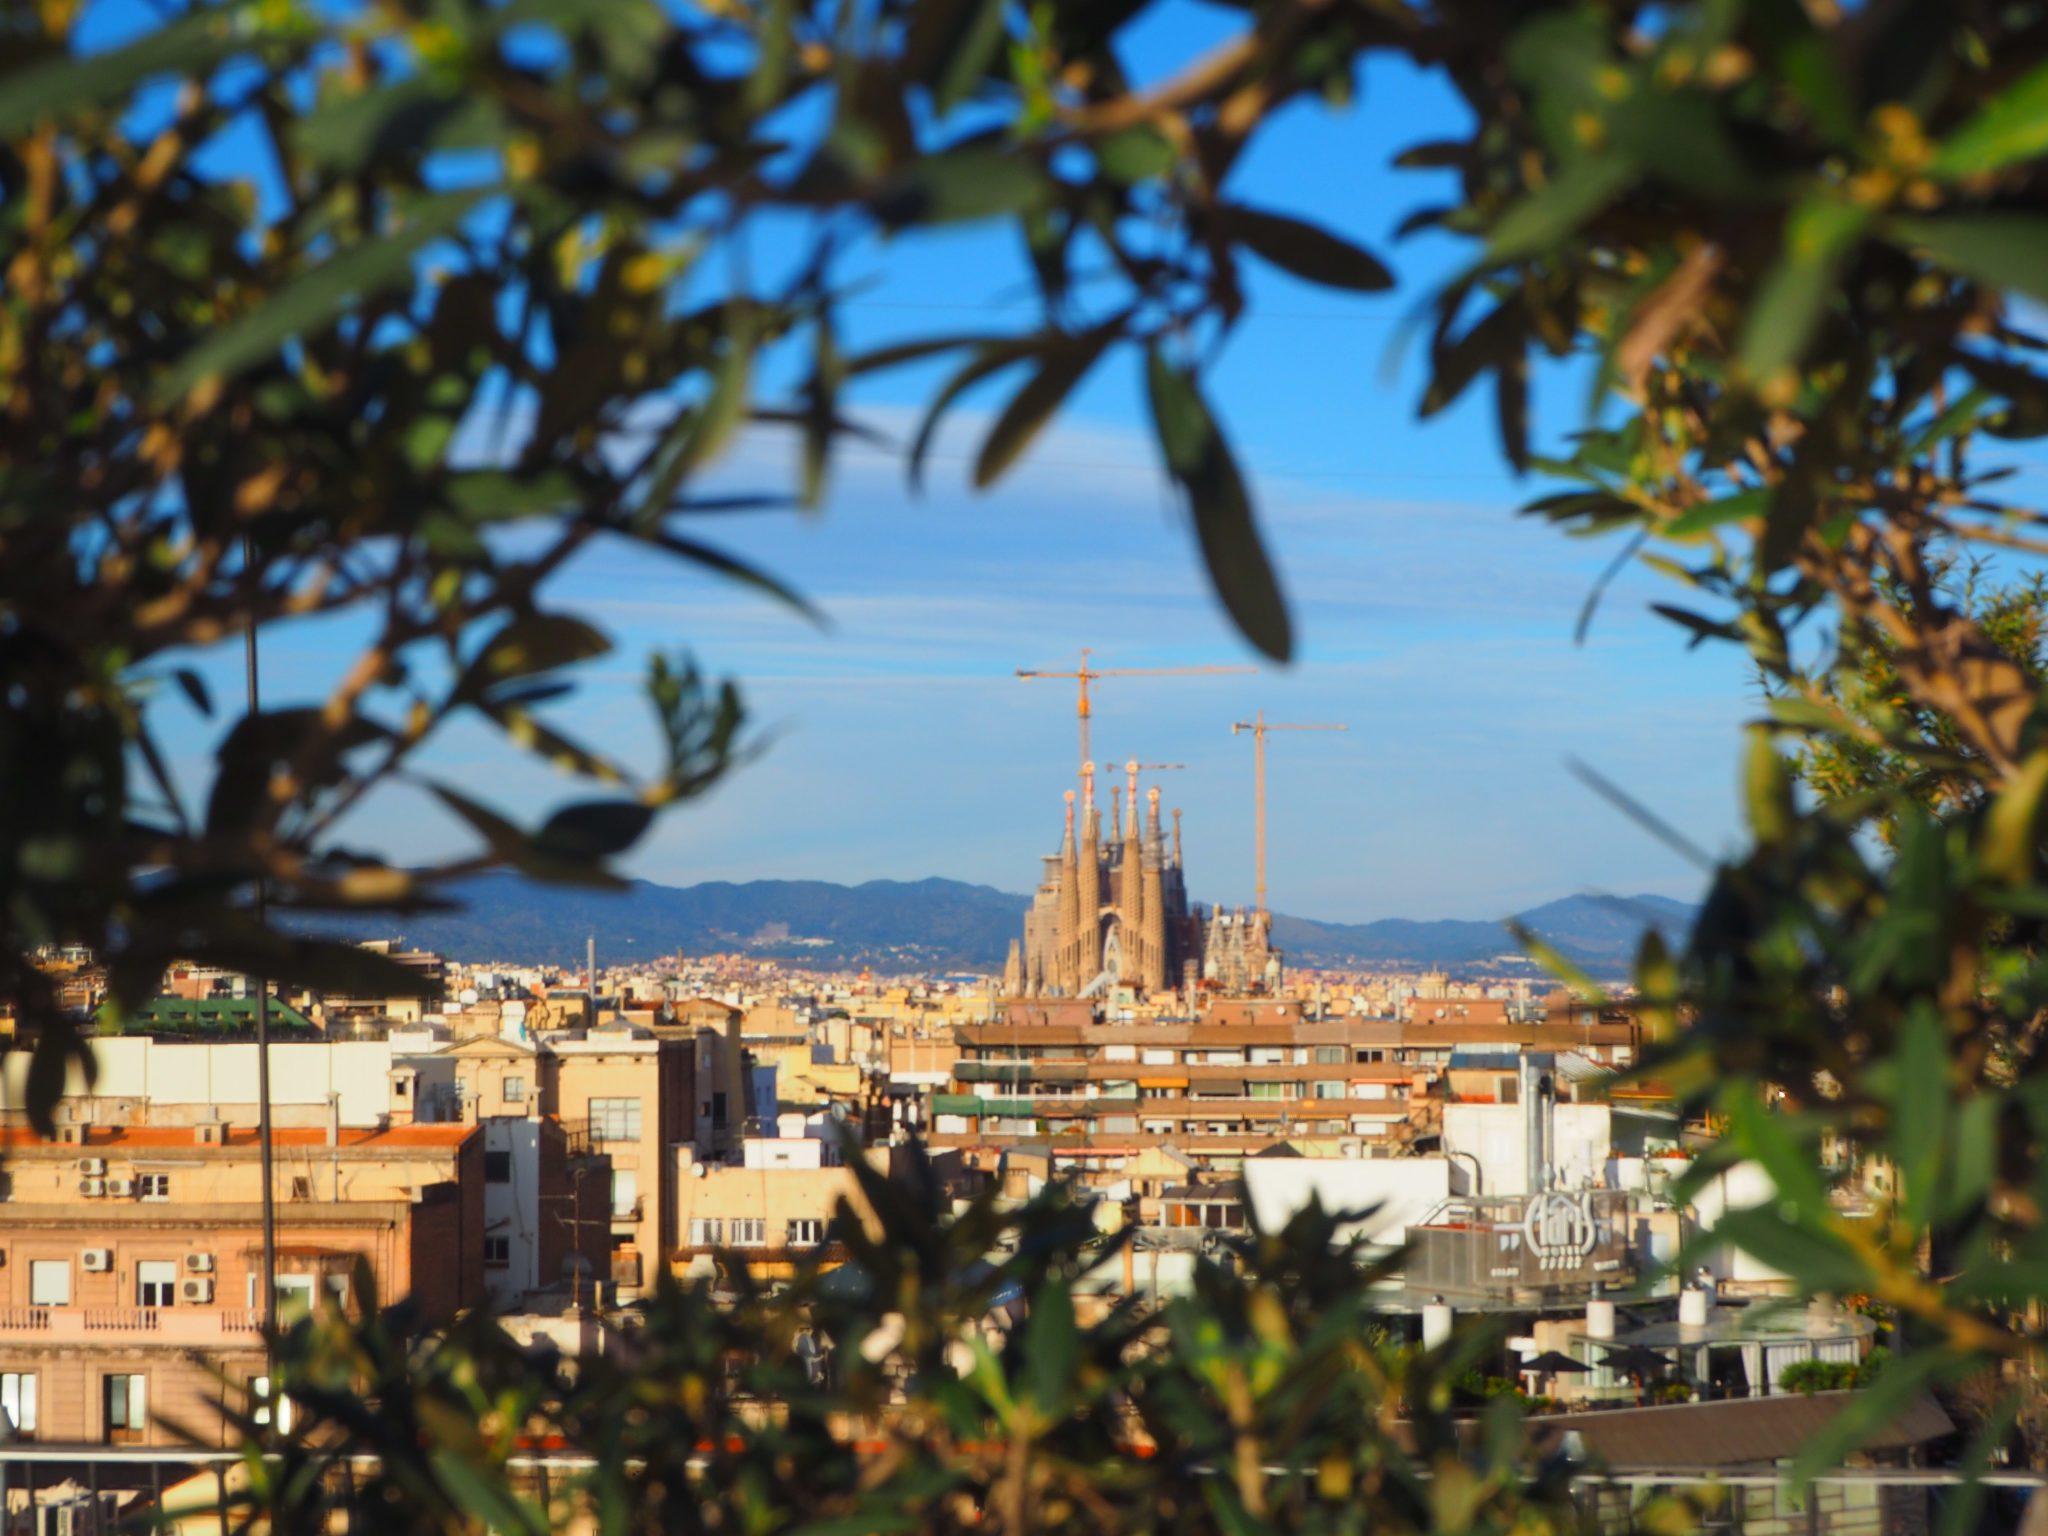 Sagrada Familia view from the Bar Terraza La Dolce Vita